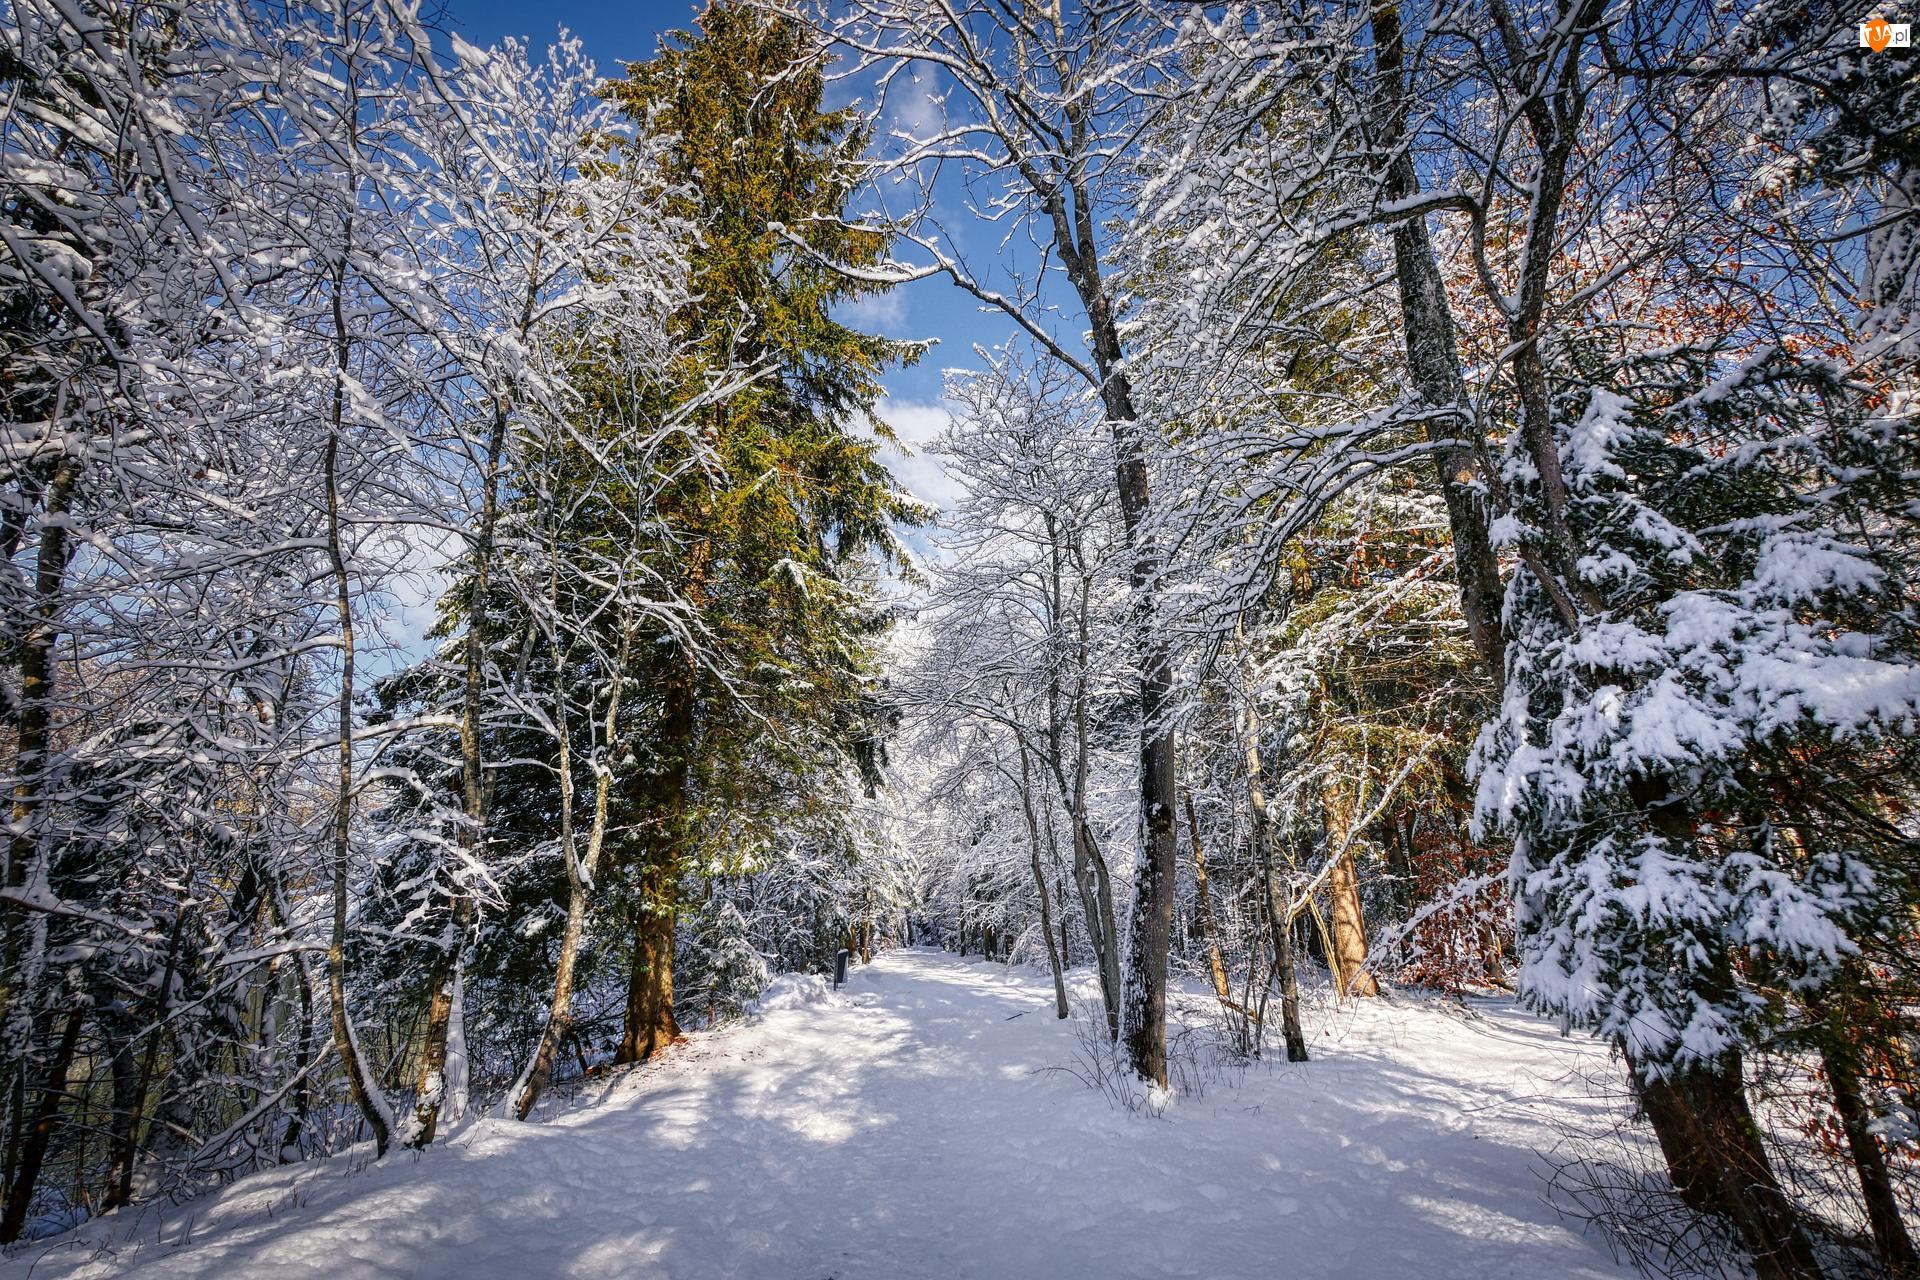 Śnieg, Zima, Drzewa, Las, Gałęzie